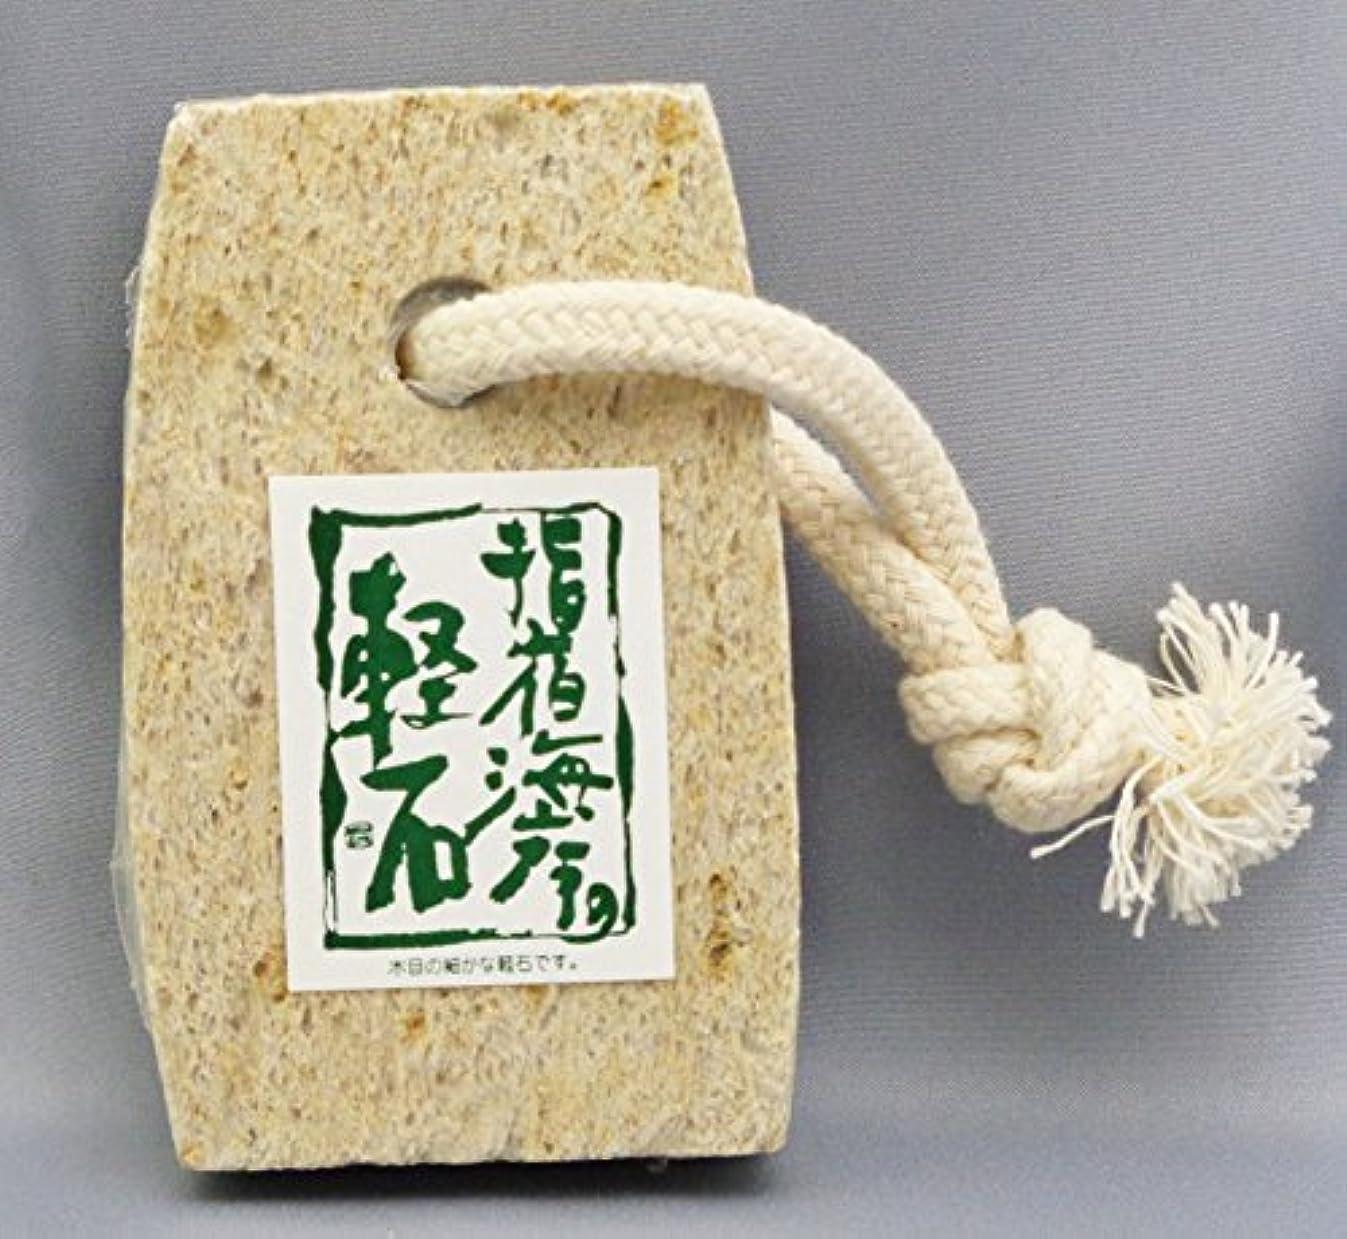 に勝るどちらかブレンドシオザキ No.3 中判軽石 (ヒモ付き)指宿の軽石